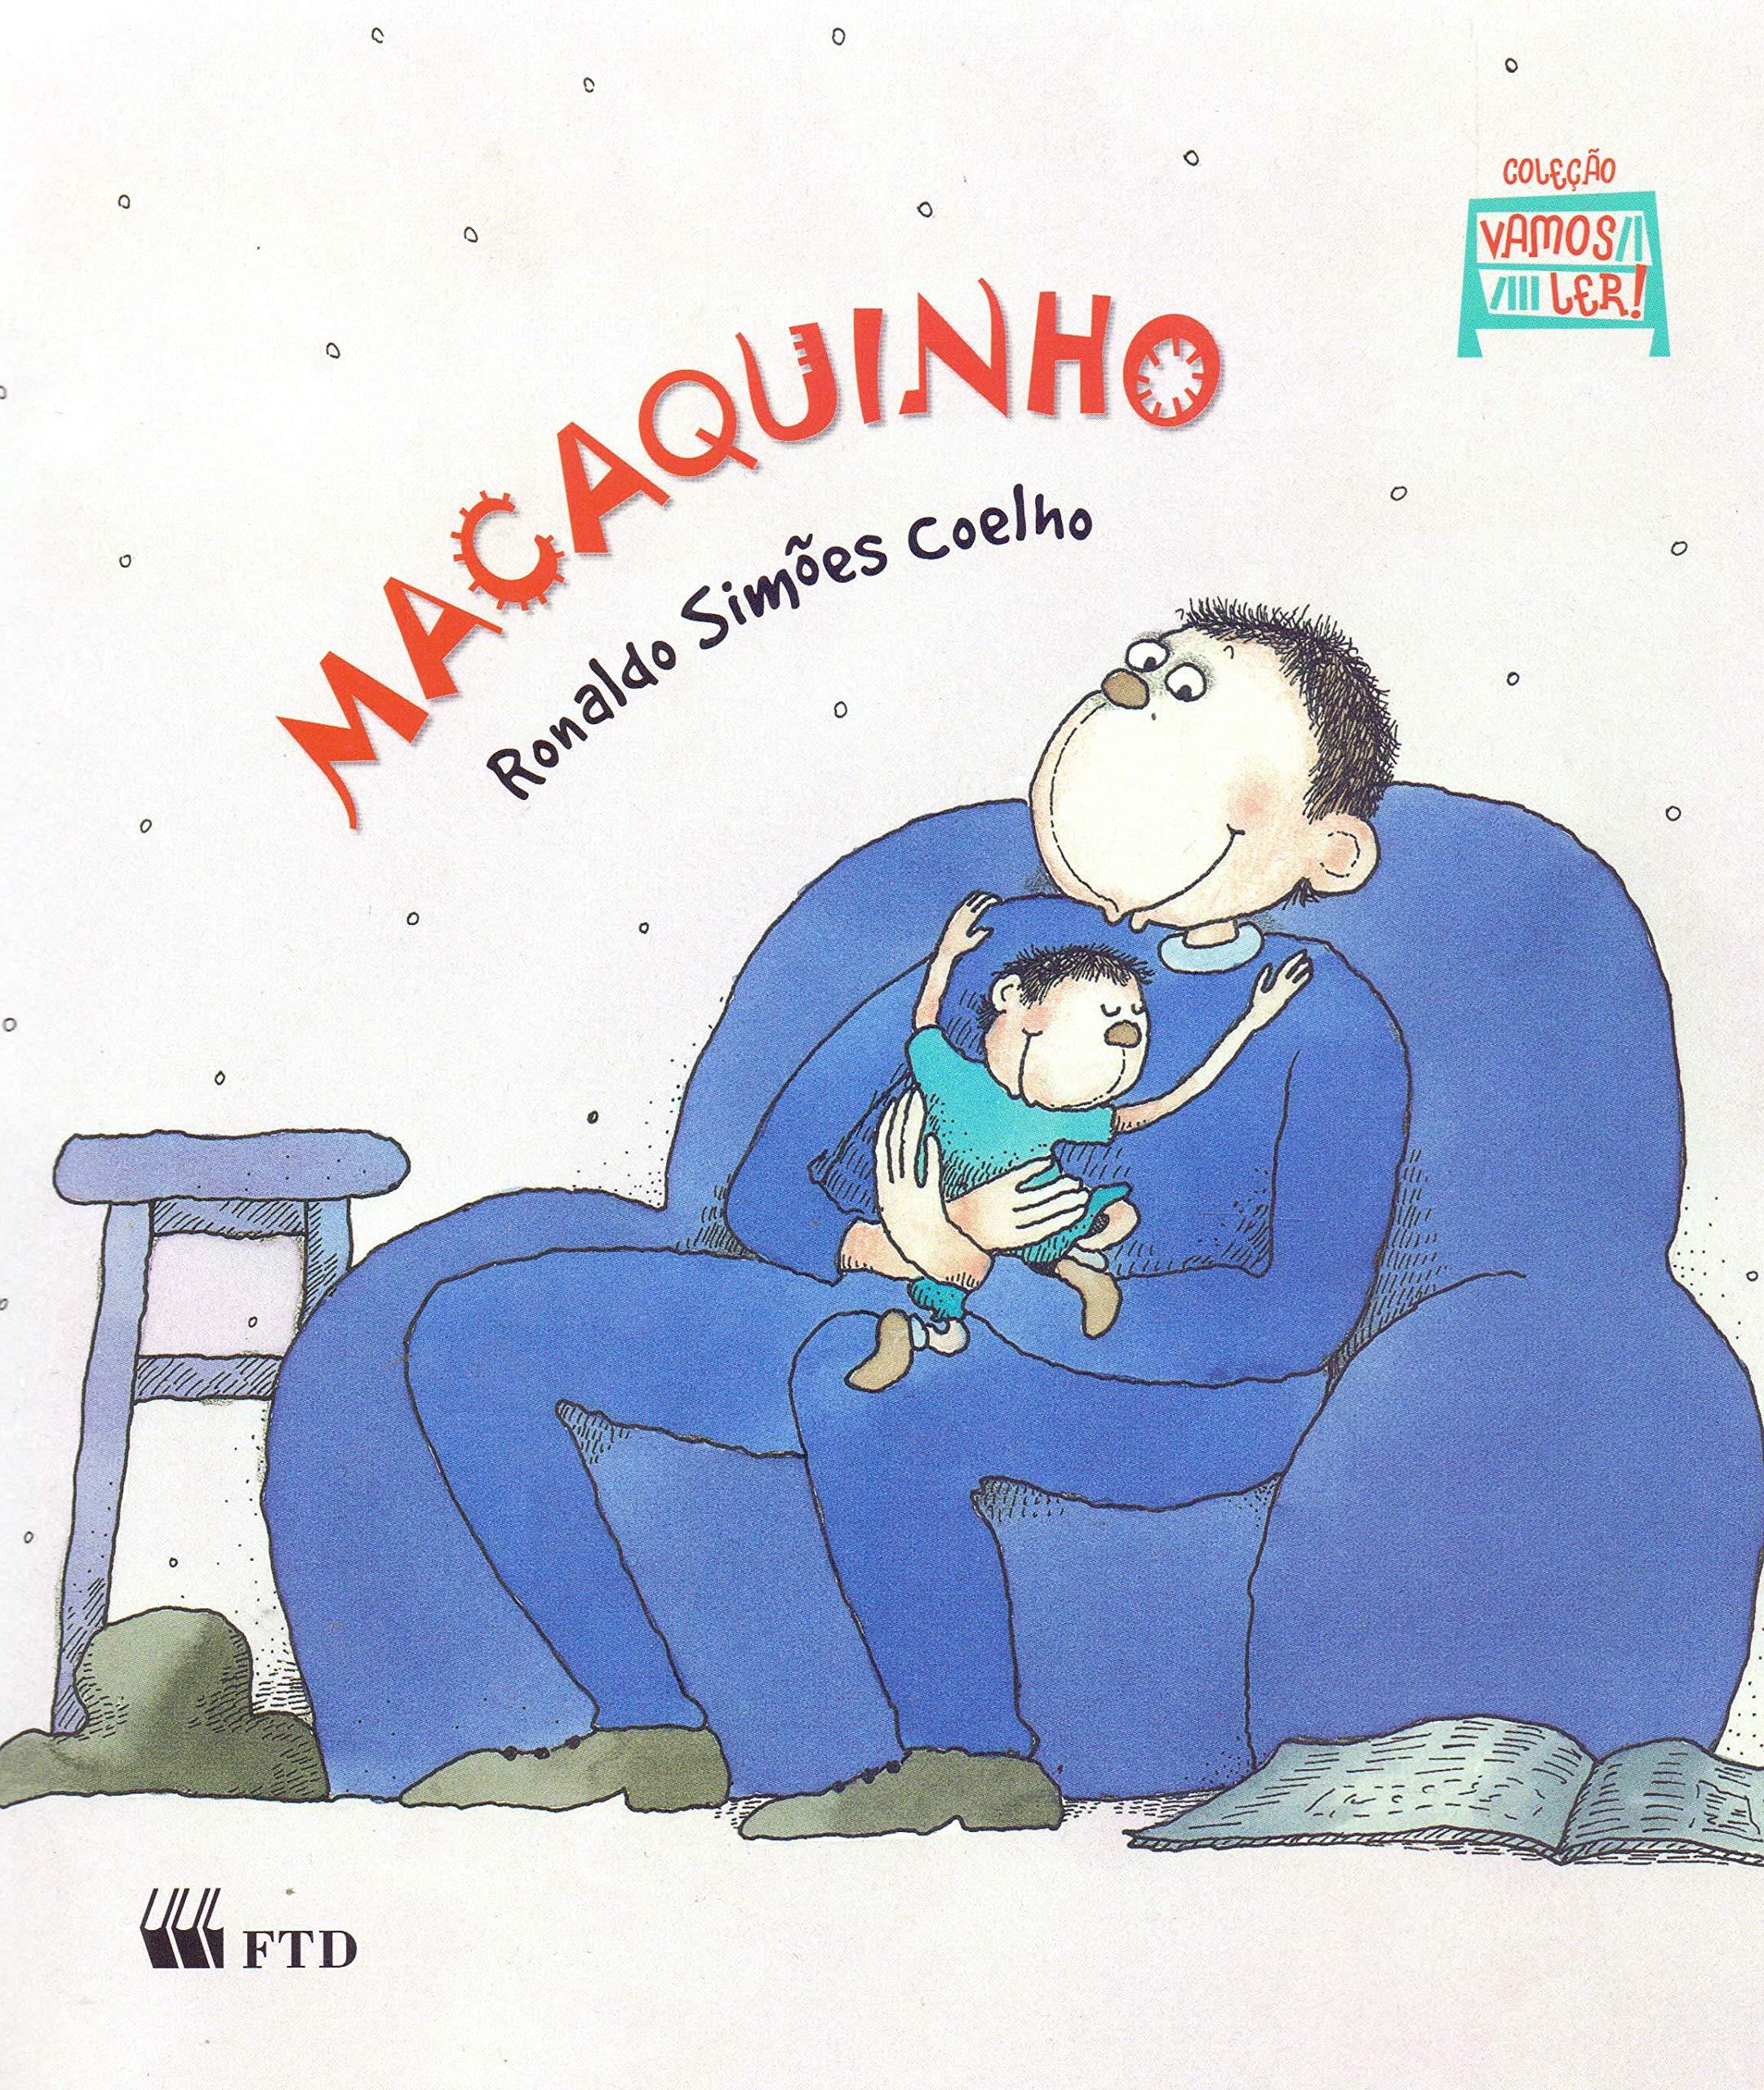 Macaquinho | Amazon.com.br